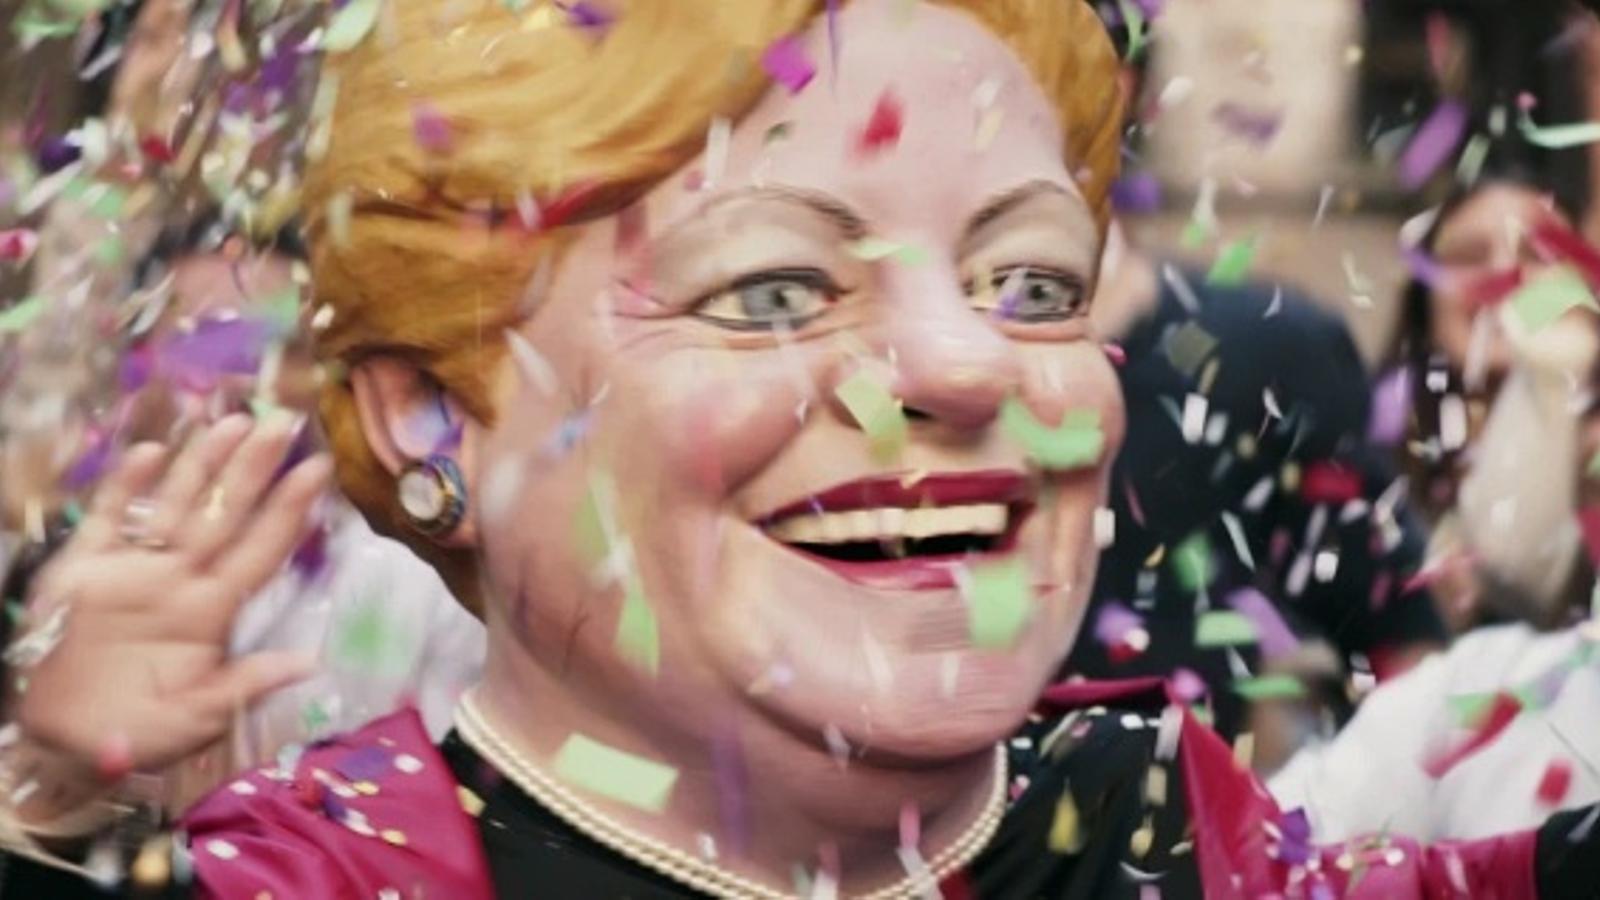 L'anunci de la grossa de Cap d'Any, la persona més desitjada del país